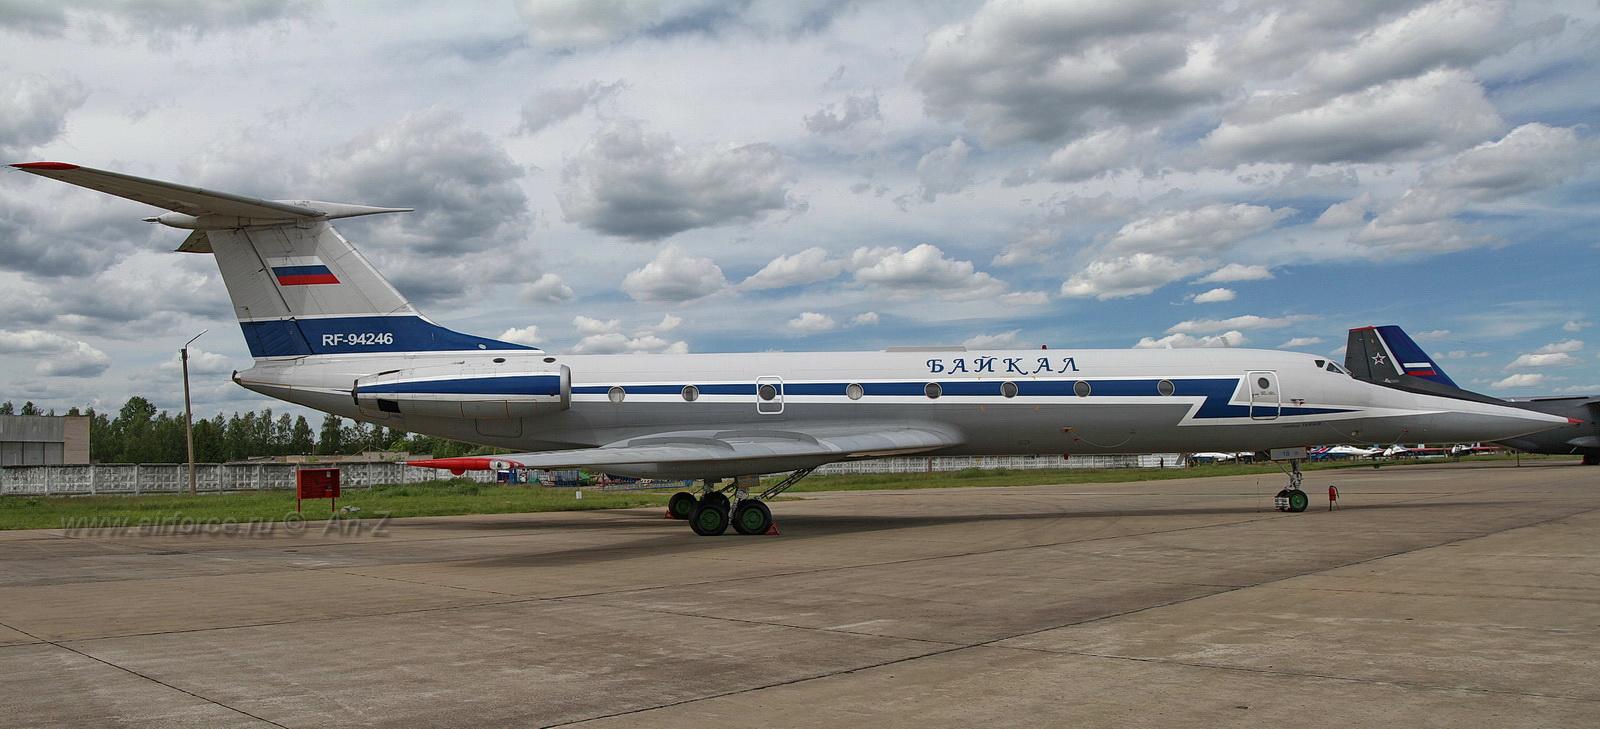 Нажмите на изображение для увеличения.  Название:Tu-134UBL_Panorama1.jpg Просмотров:968 Размер:354.1 Кб ID:64804